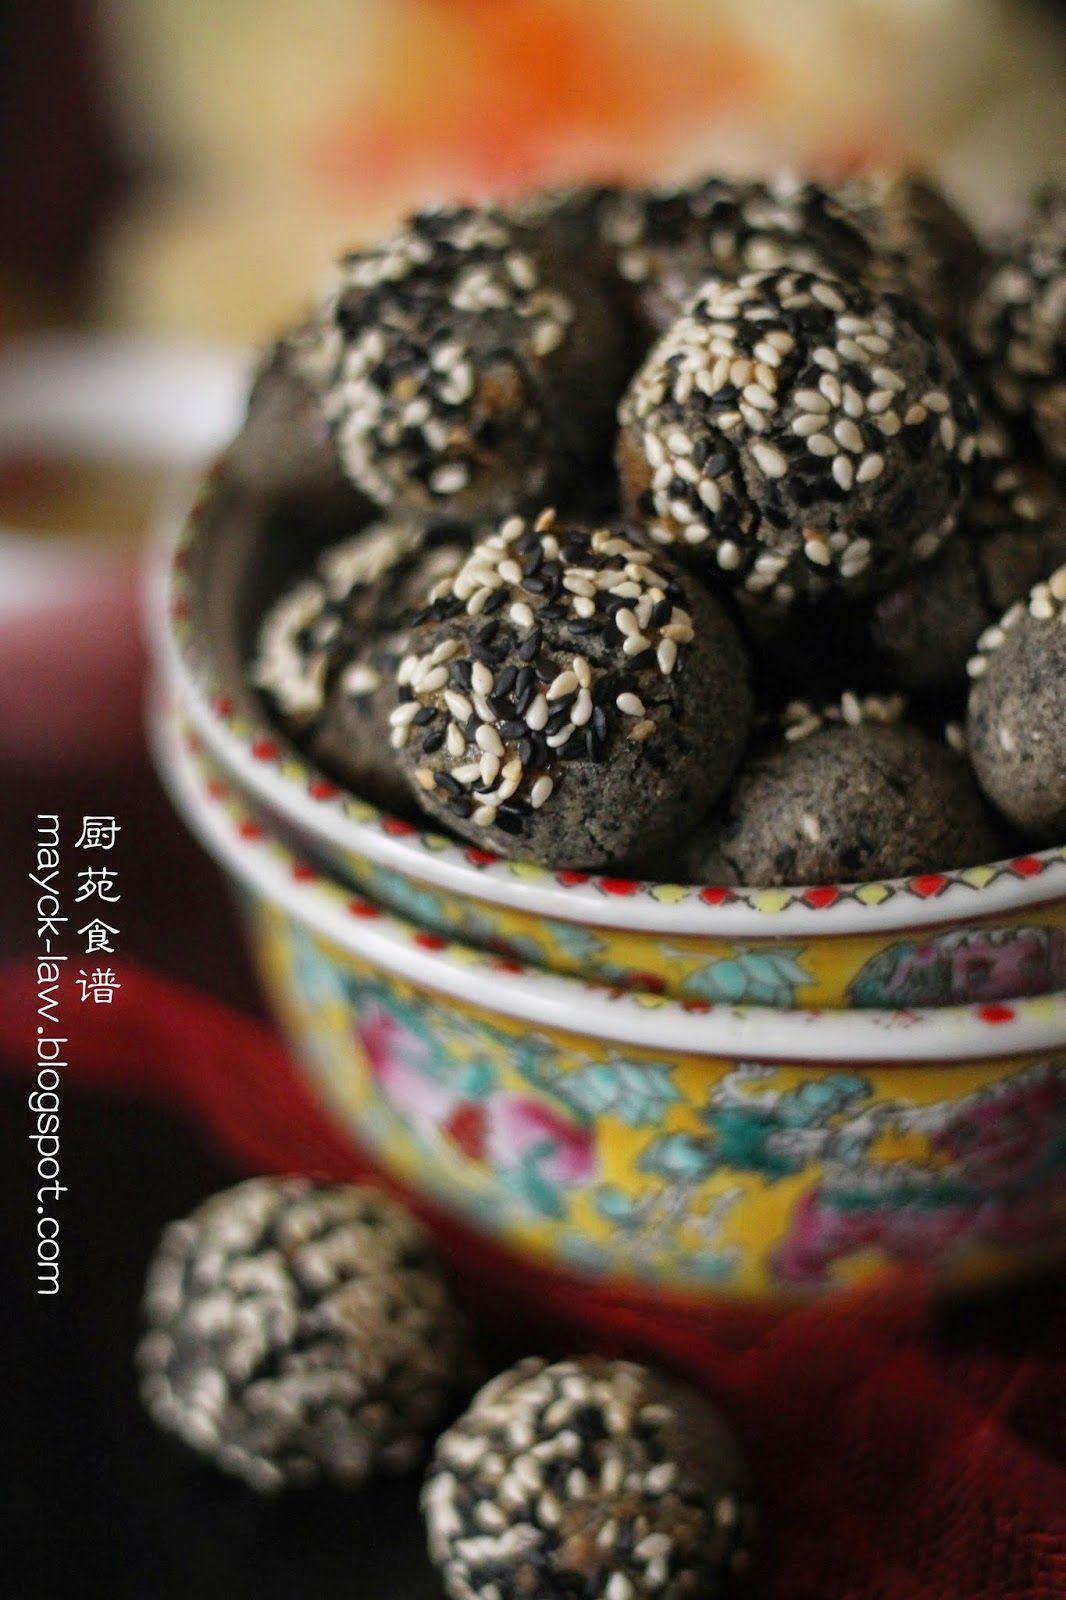 黑芝麻酥 (Black Sesame Cookies) Sesame cookies, Black sesame